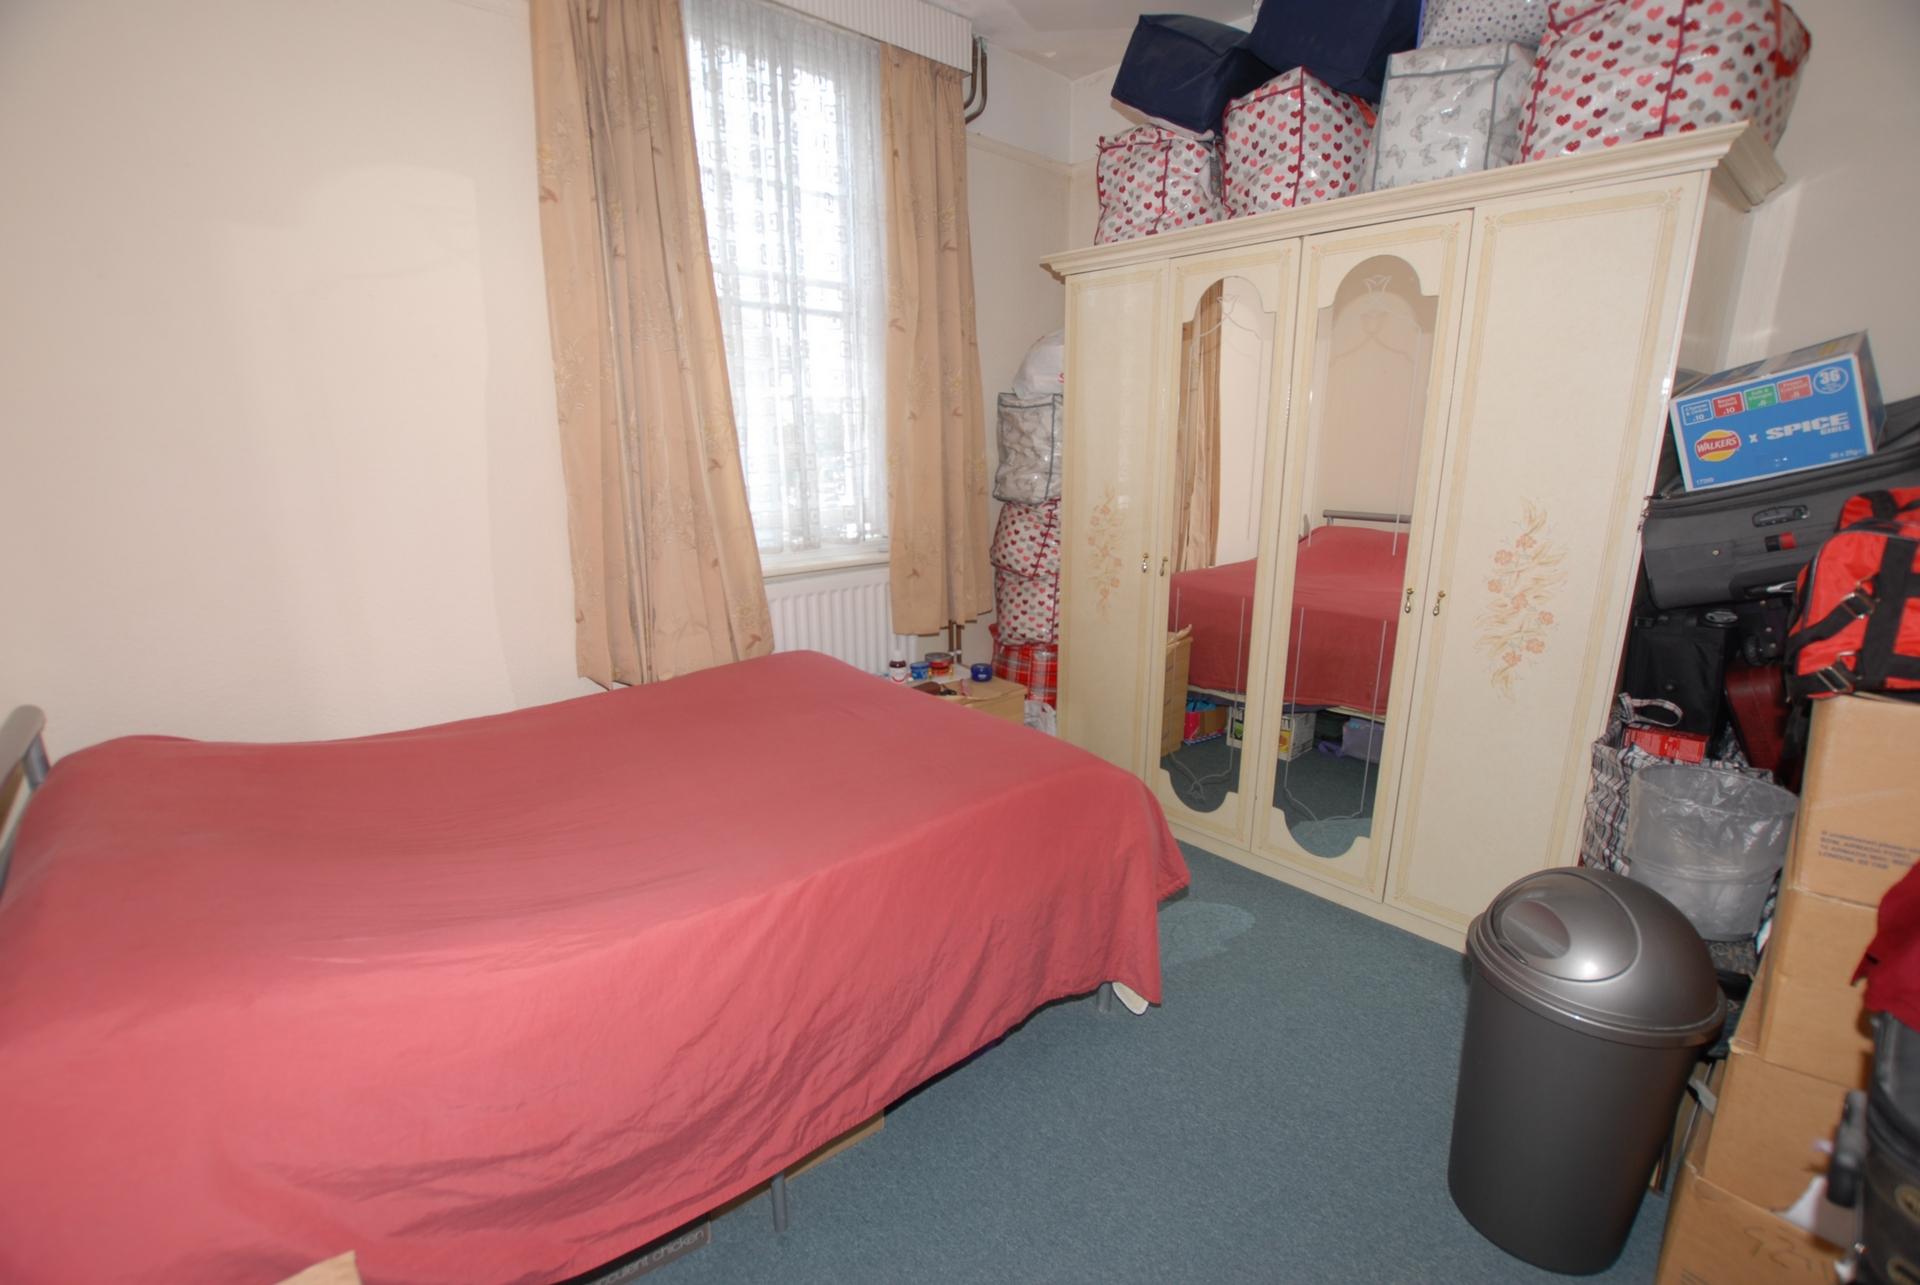 Flat - Bedroom